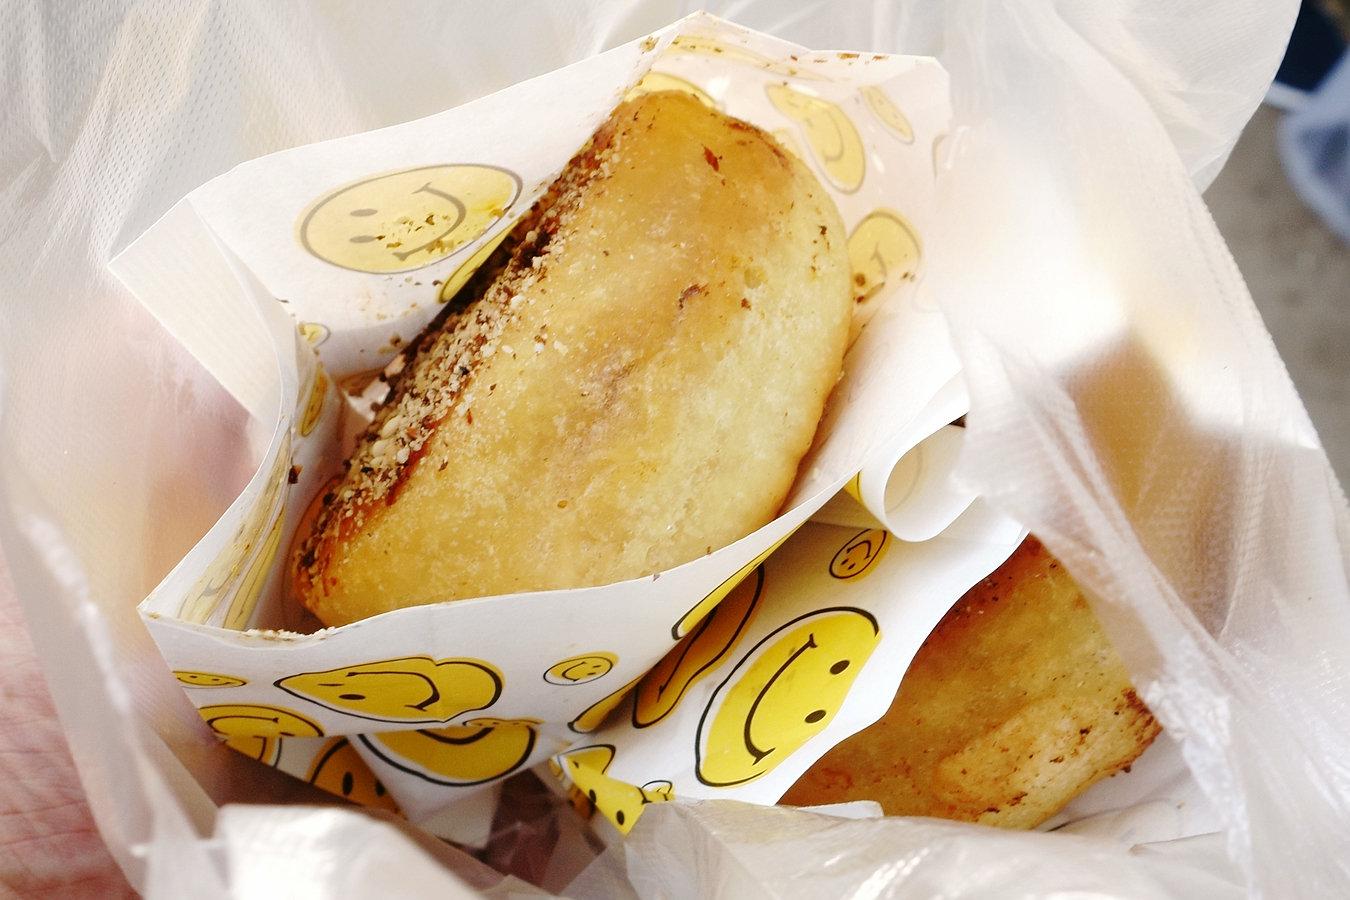 早市上这名字叫肉蛋堡的小吃引围观,两块五一个,想吃先交钱后排队